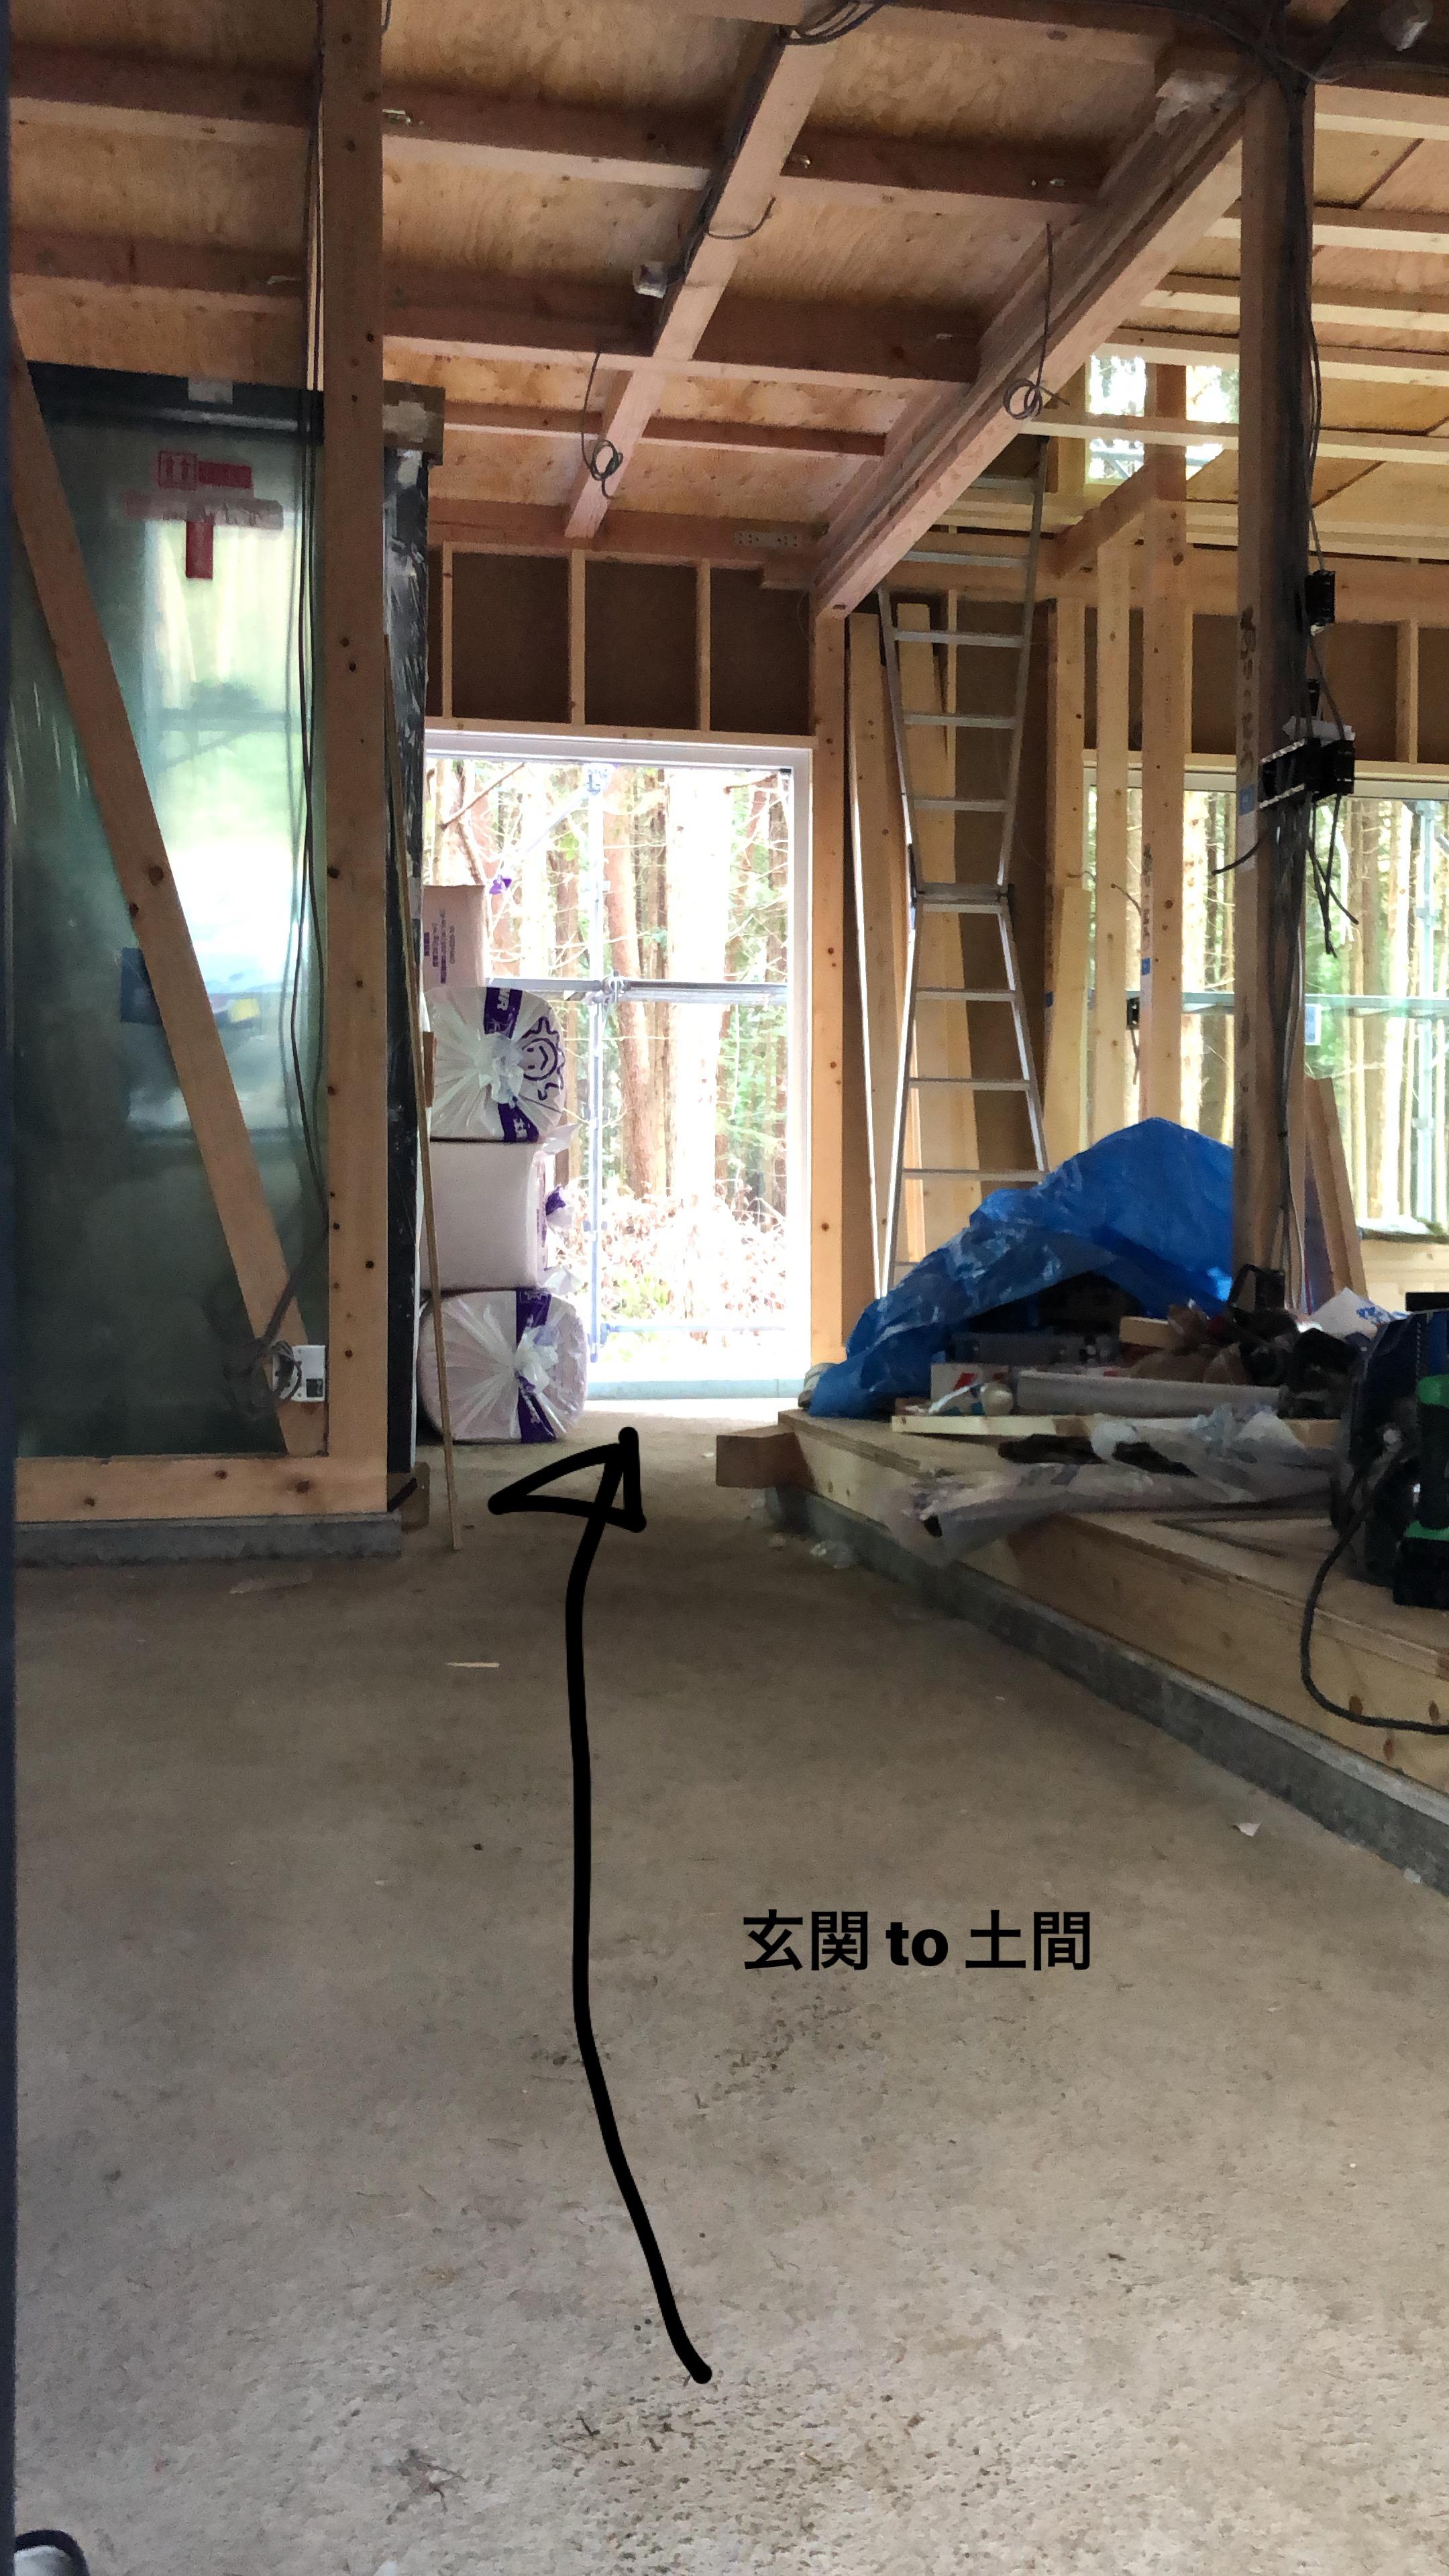 山梨県の工務店、未来建築工房とつくる注文住宅。|土間リビングがあるアウトドアスタイル。河口湖の家。